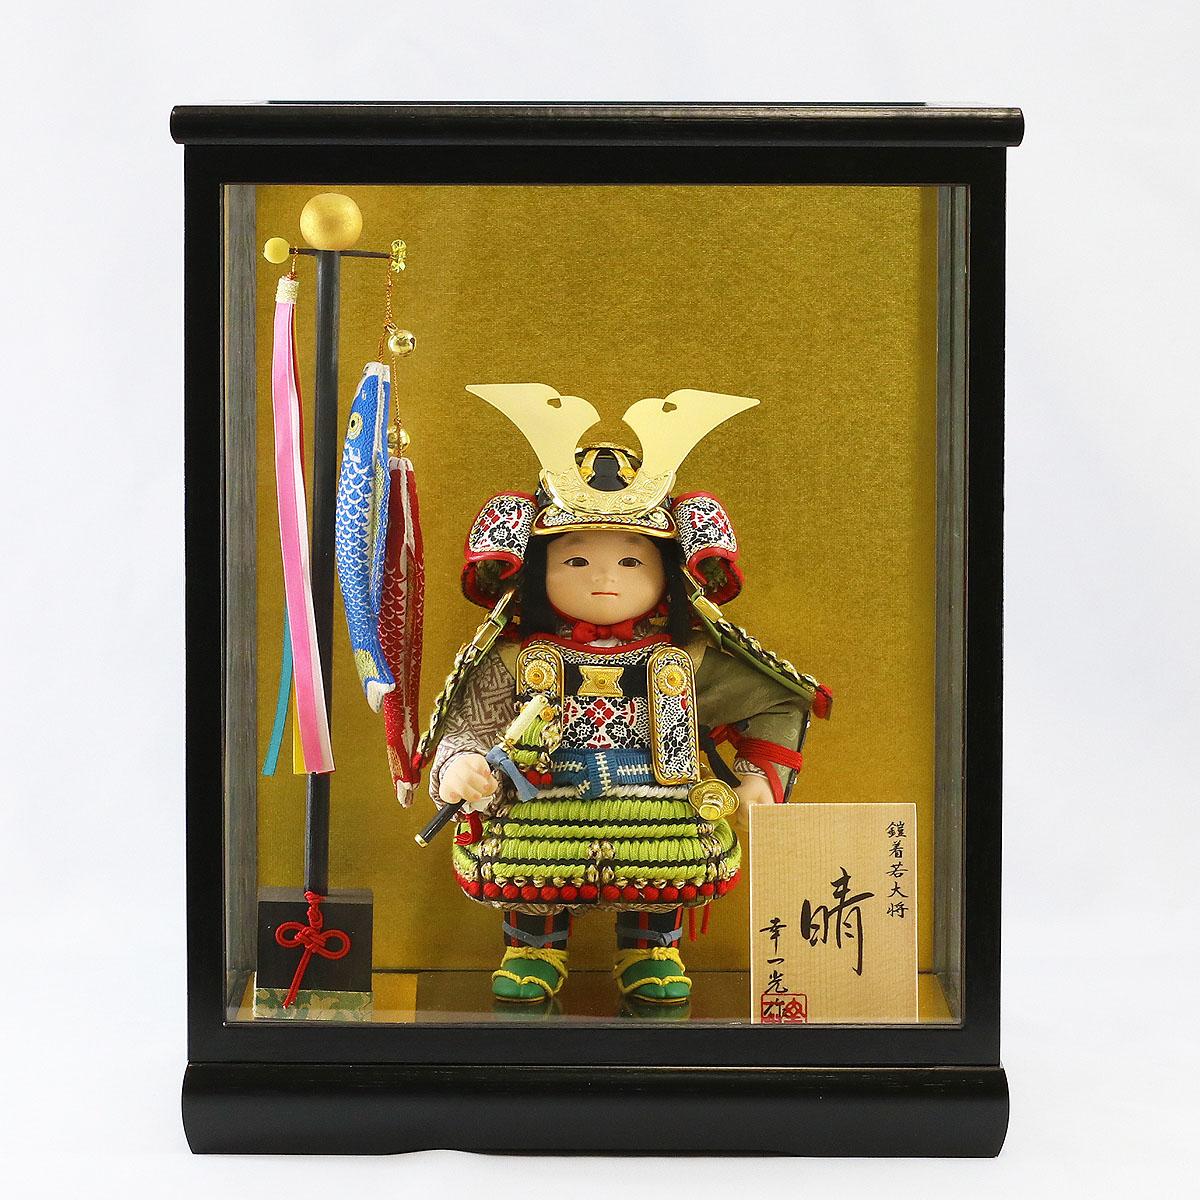 五月人形 幸一光 子供大将ケース飾り 晴 (はる) 鎧着 鯉幟セット ガラスケース入り ≪GOKI-HARU-NO-11≫コンパクト おしゃれ 子供大将ケース飾り オルゴール付ケース飾り 武者人形 子供大将飾り 五月人形